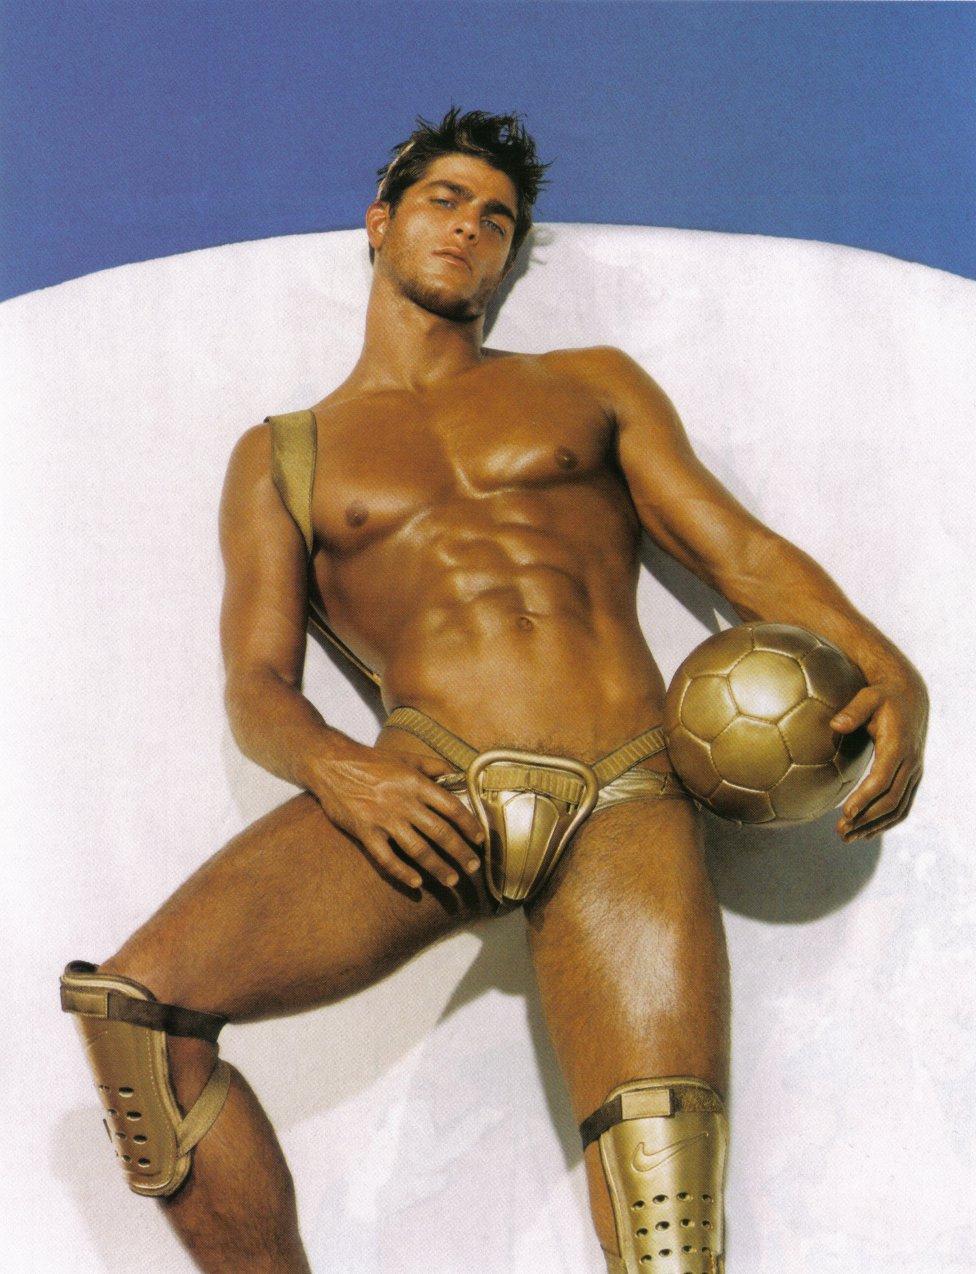 Самые красивые голые мужчины мира фото 25 фотография